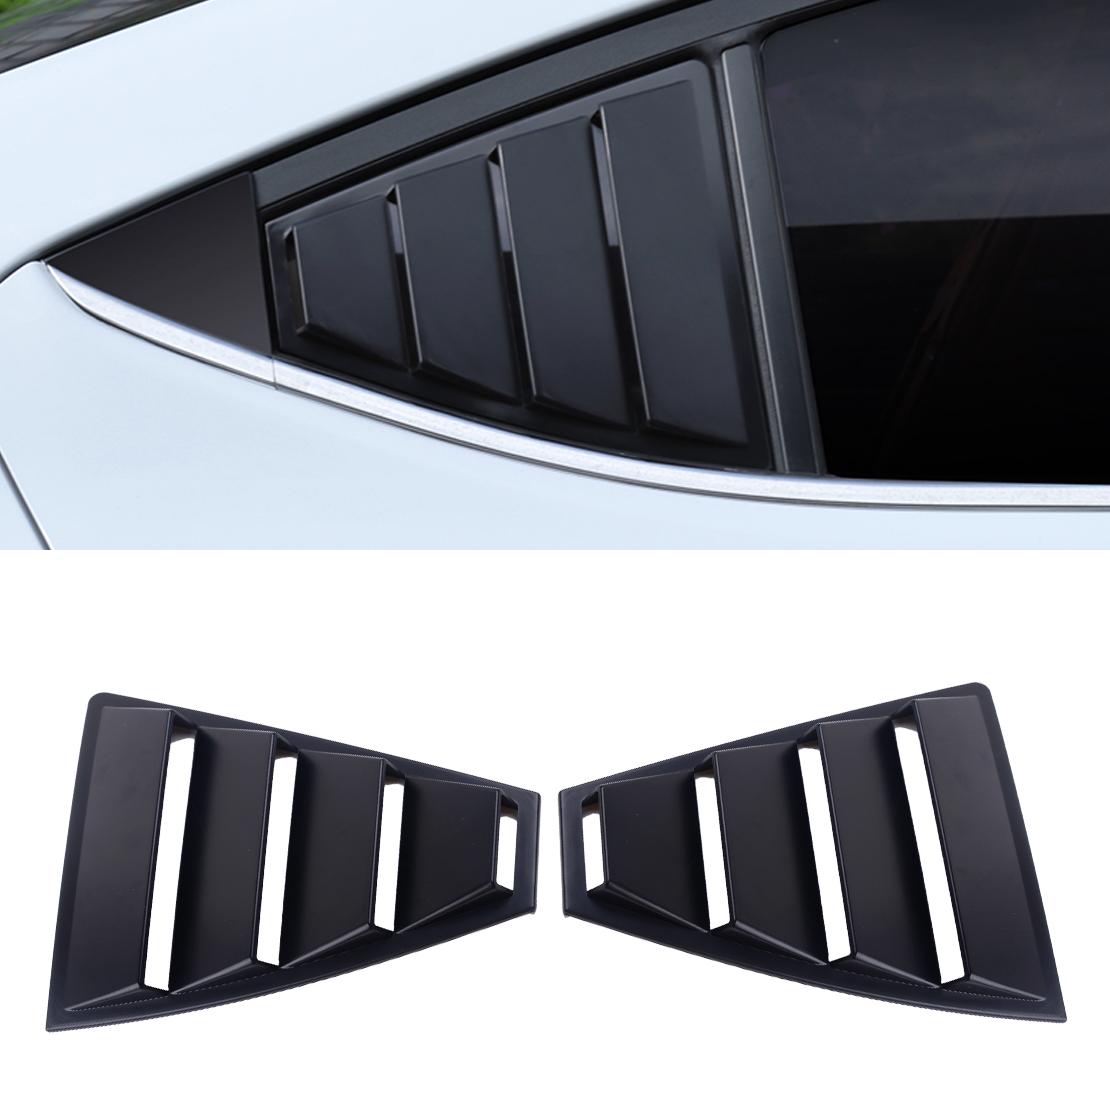 for HYUNDAI Elantra 2017-2019 Rear Quarter Panel Window Side Louvers Vent trim